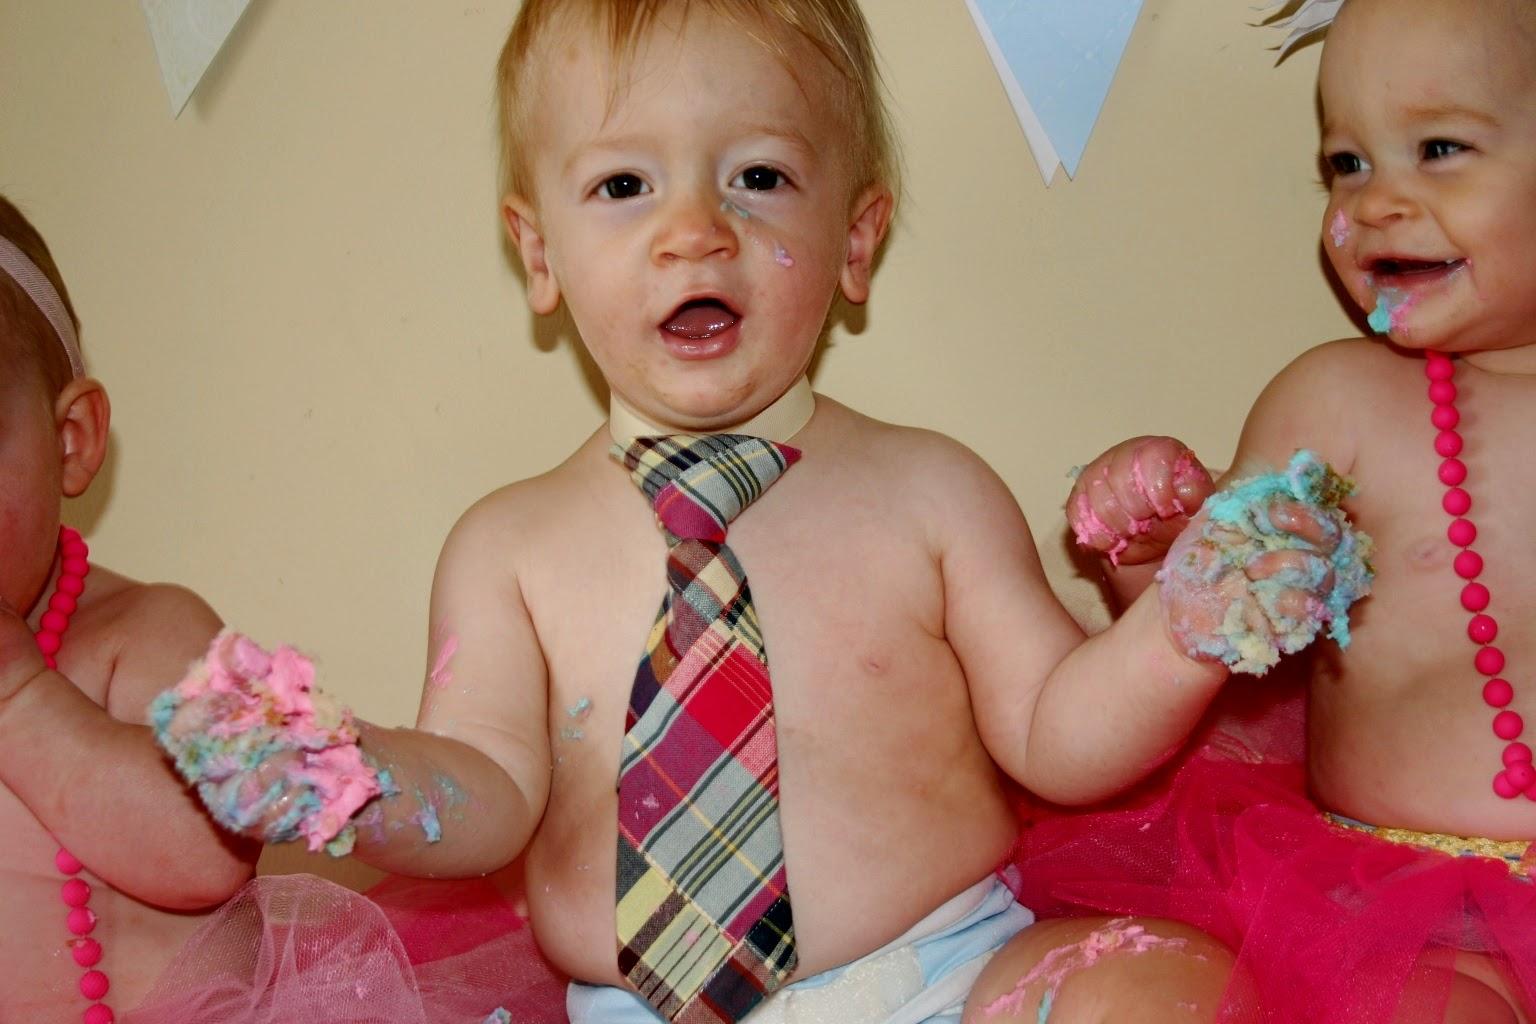 Triplets Toddler Cake Smash Photos